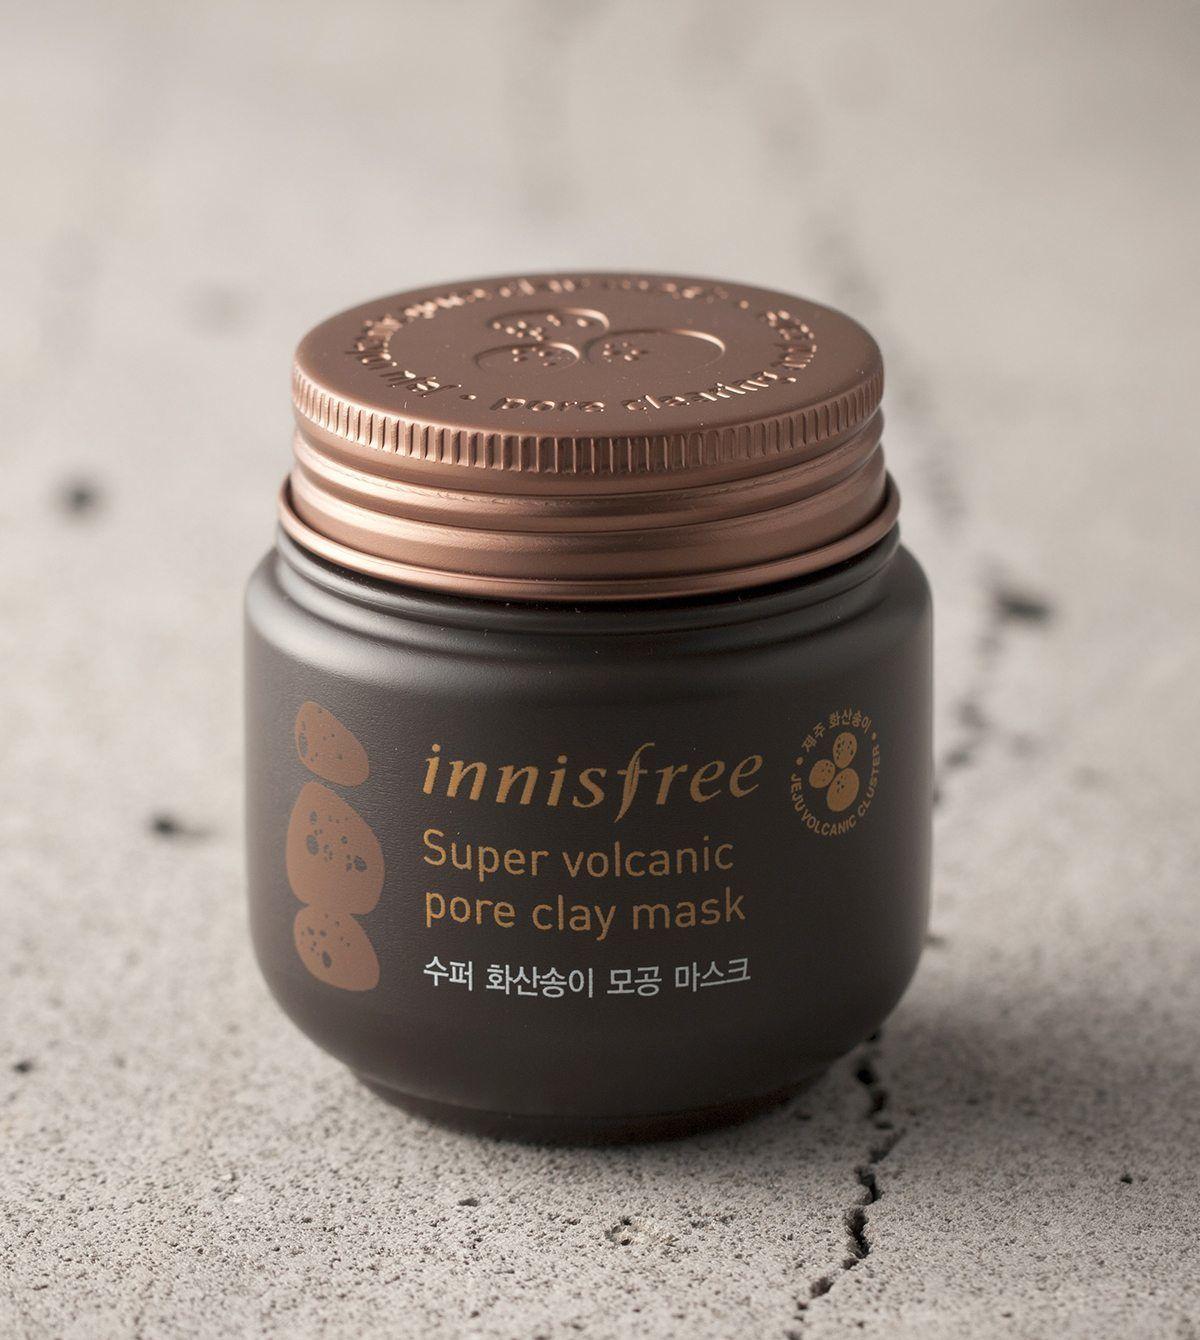 5 món skincare chân ái của các quý cô Hàn Quốc giúp lỗ chân lông từ to hóa nhỏ, làn da như trẻ ra vài tuổi - Ảnh 7.